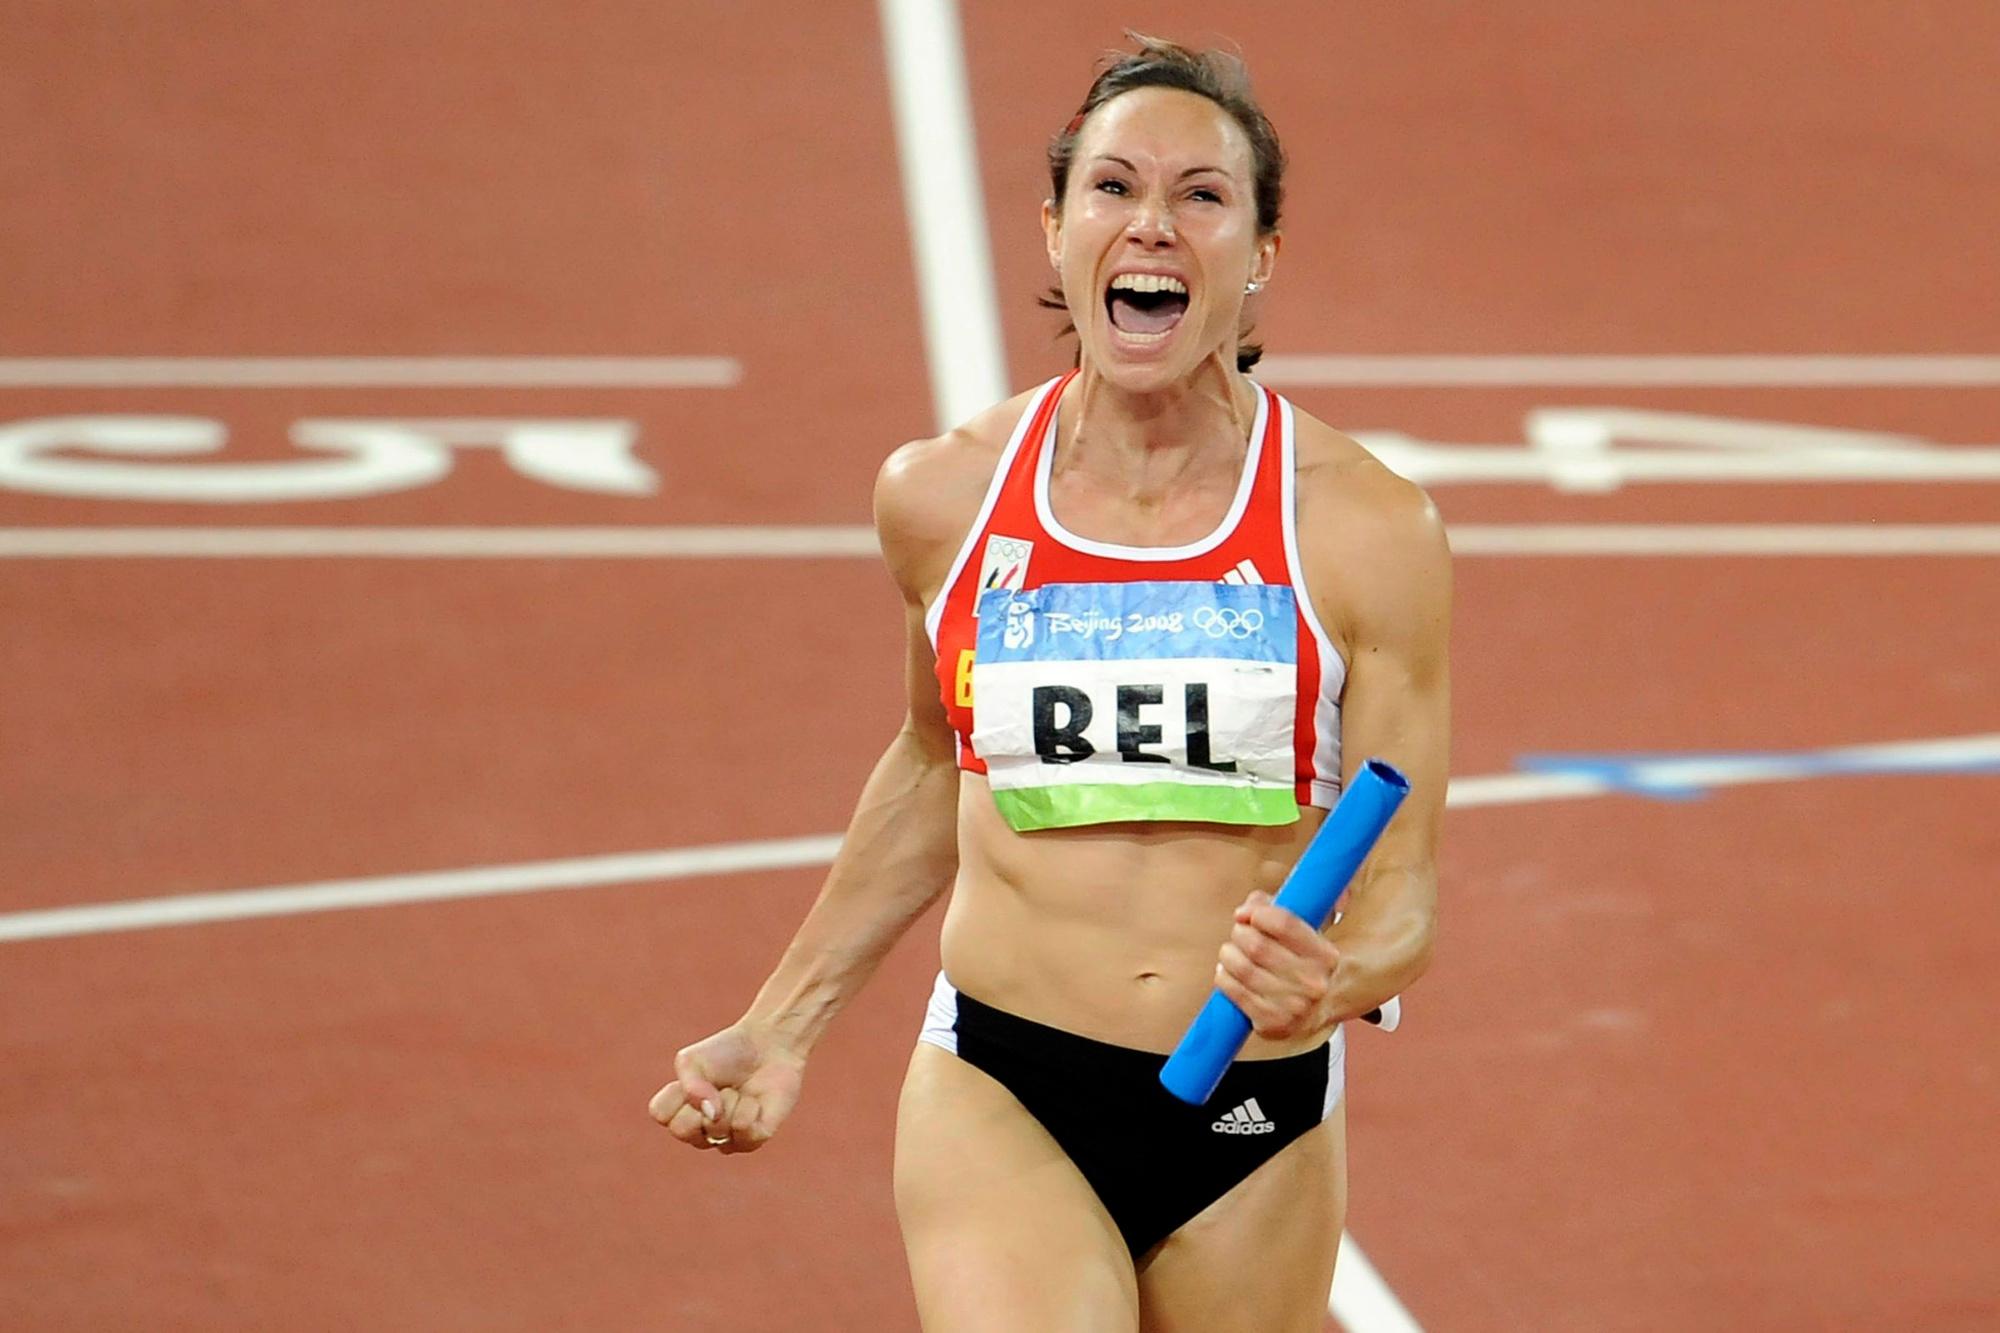 Kim Gevaert, Belga Image